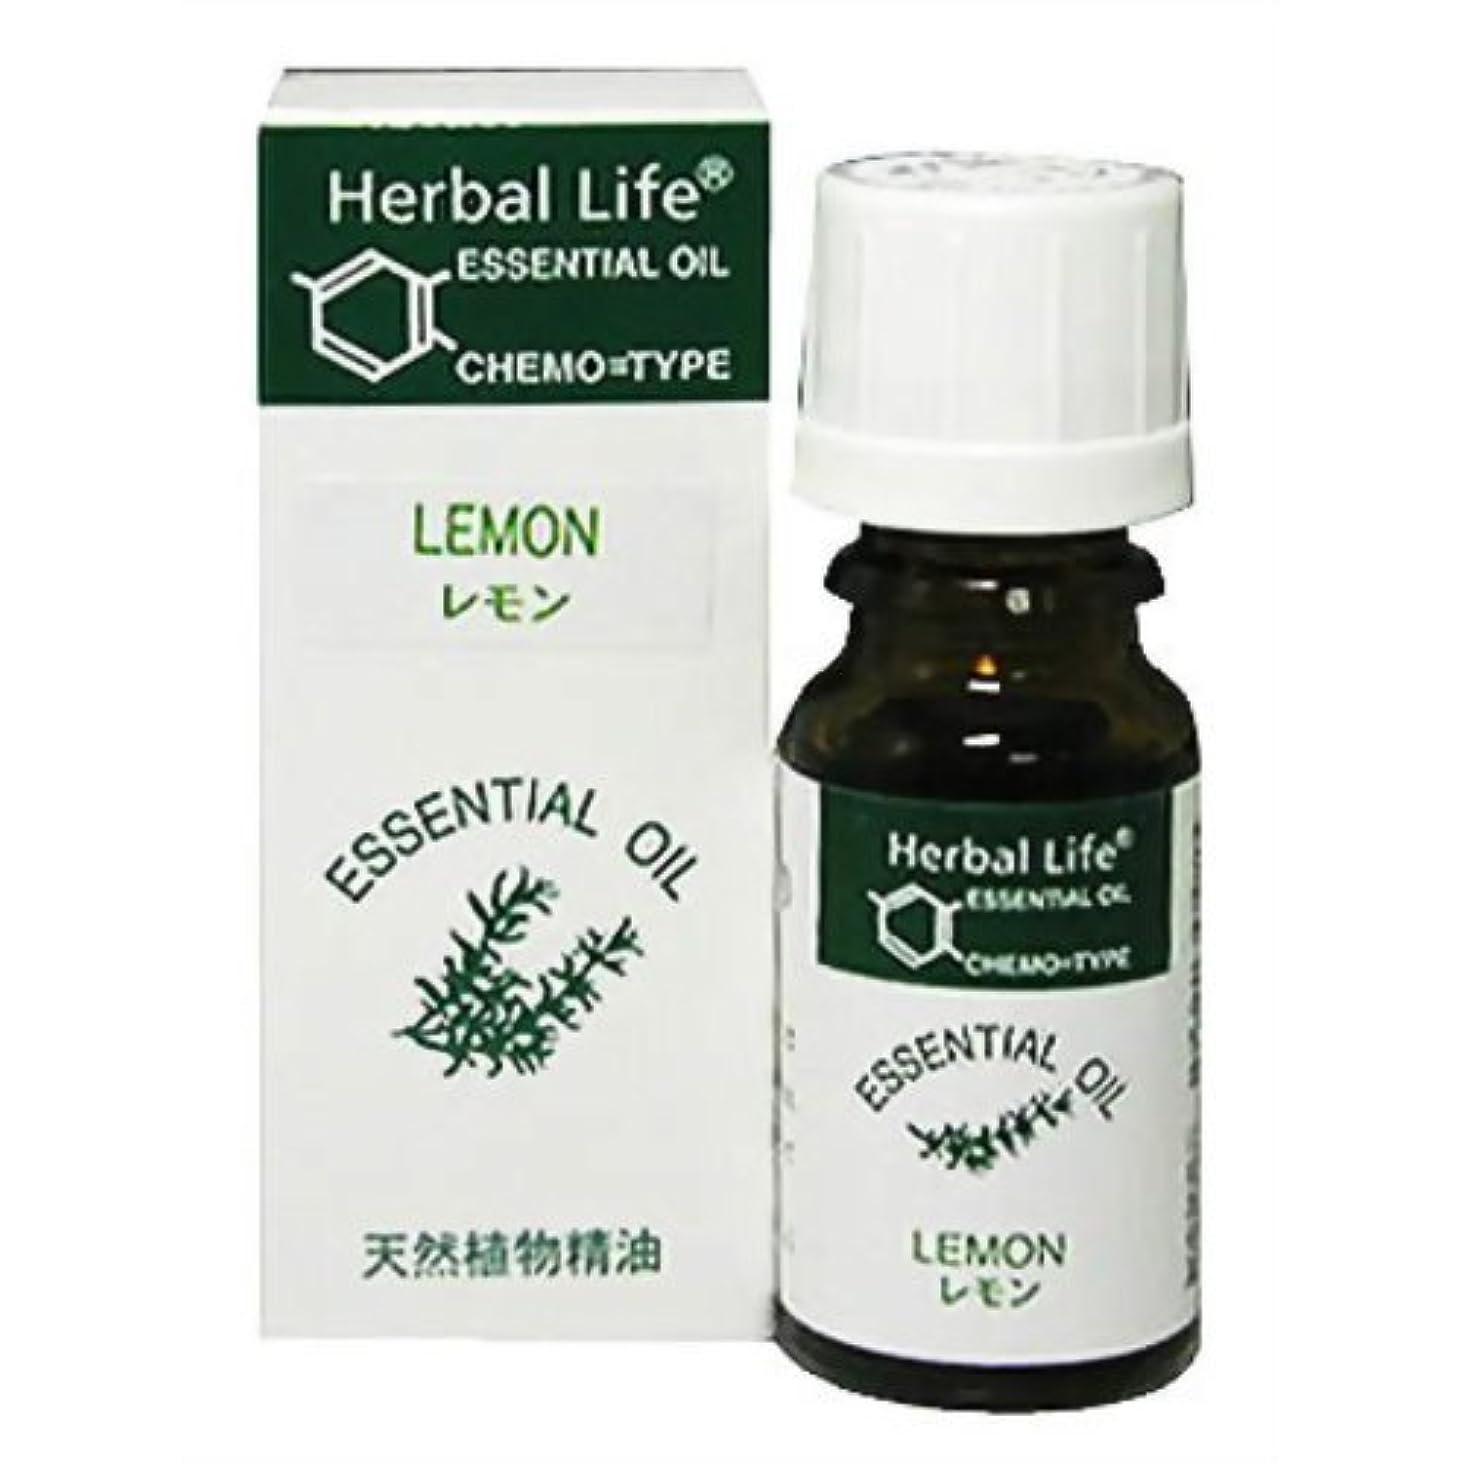 についてあいまいな成り立つ生活の木 エッセンシャルオイル レモン 10ml